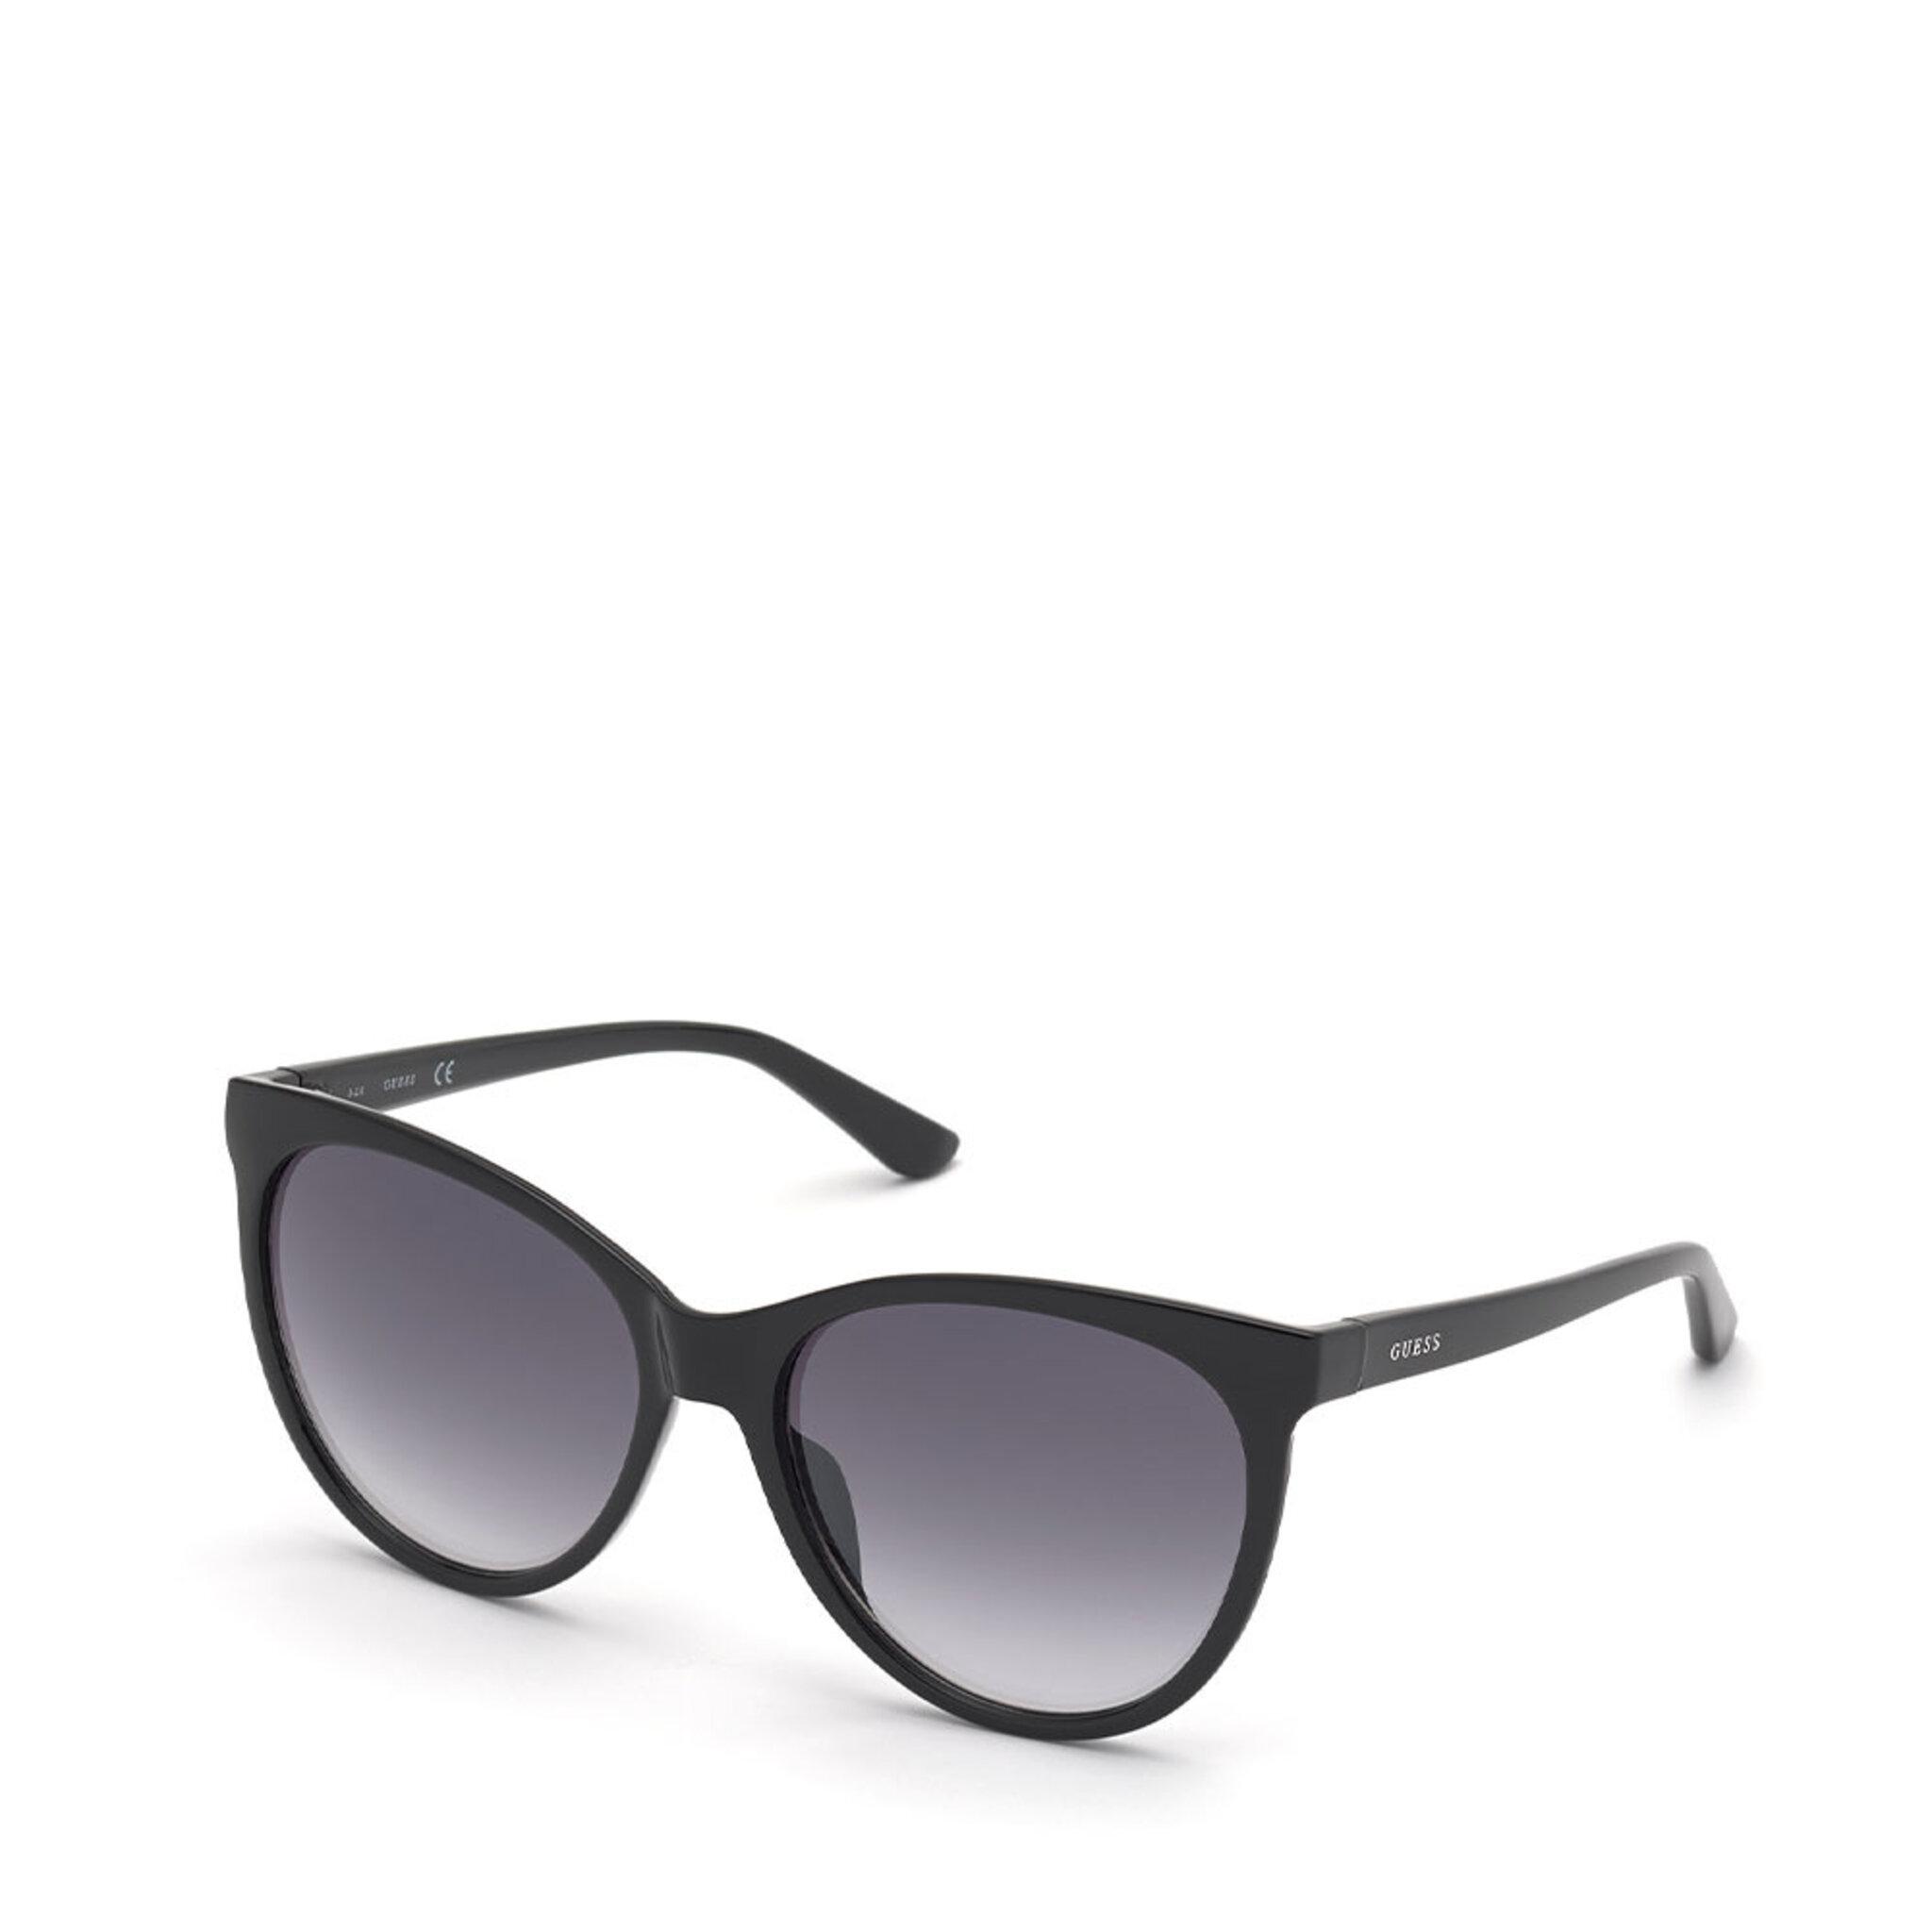 Sunglasses GU7778